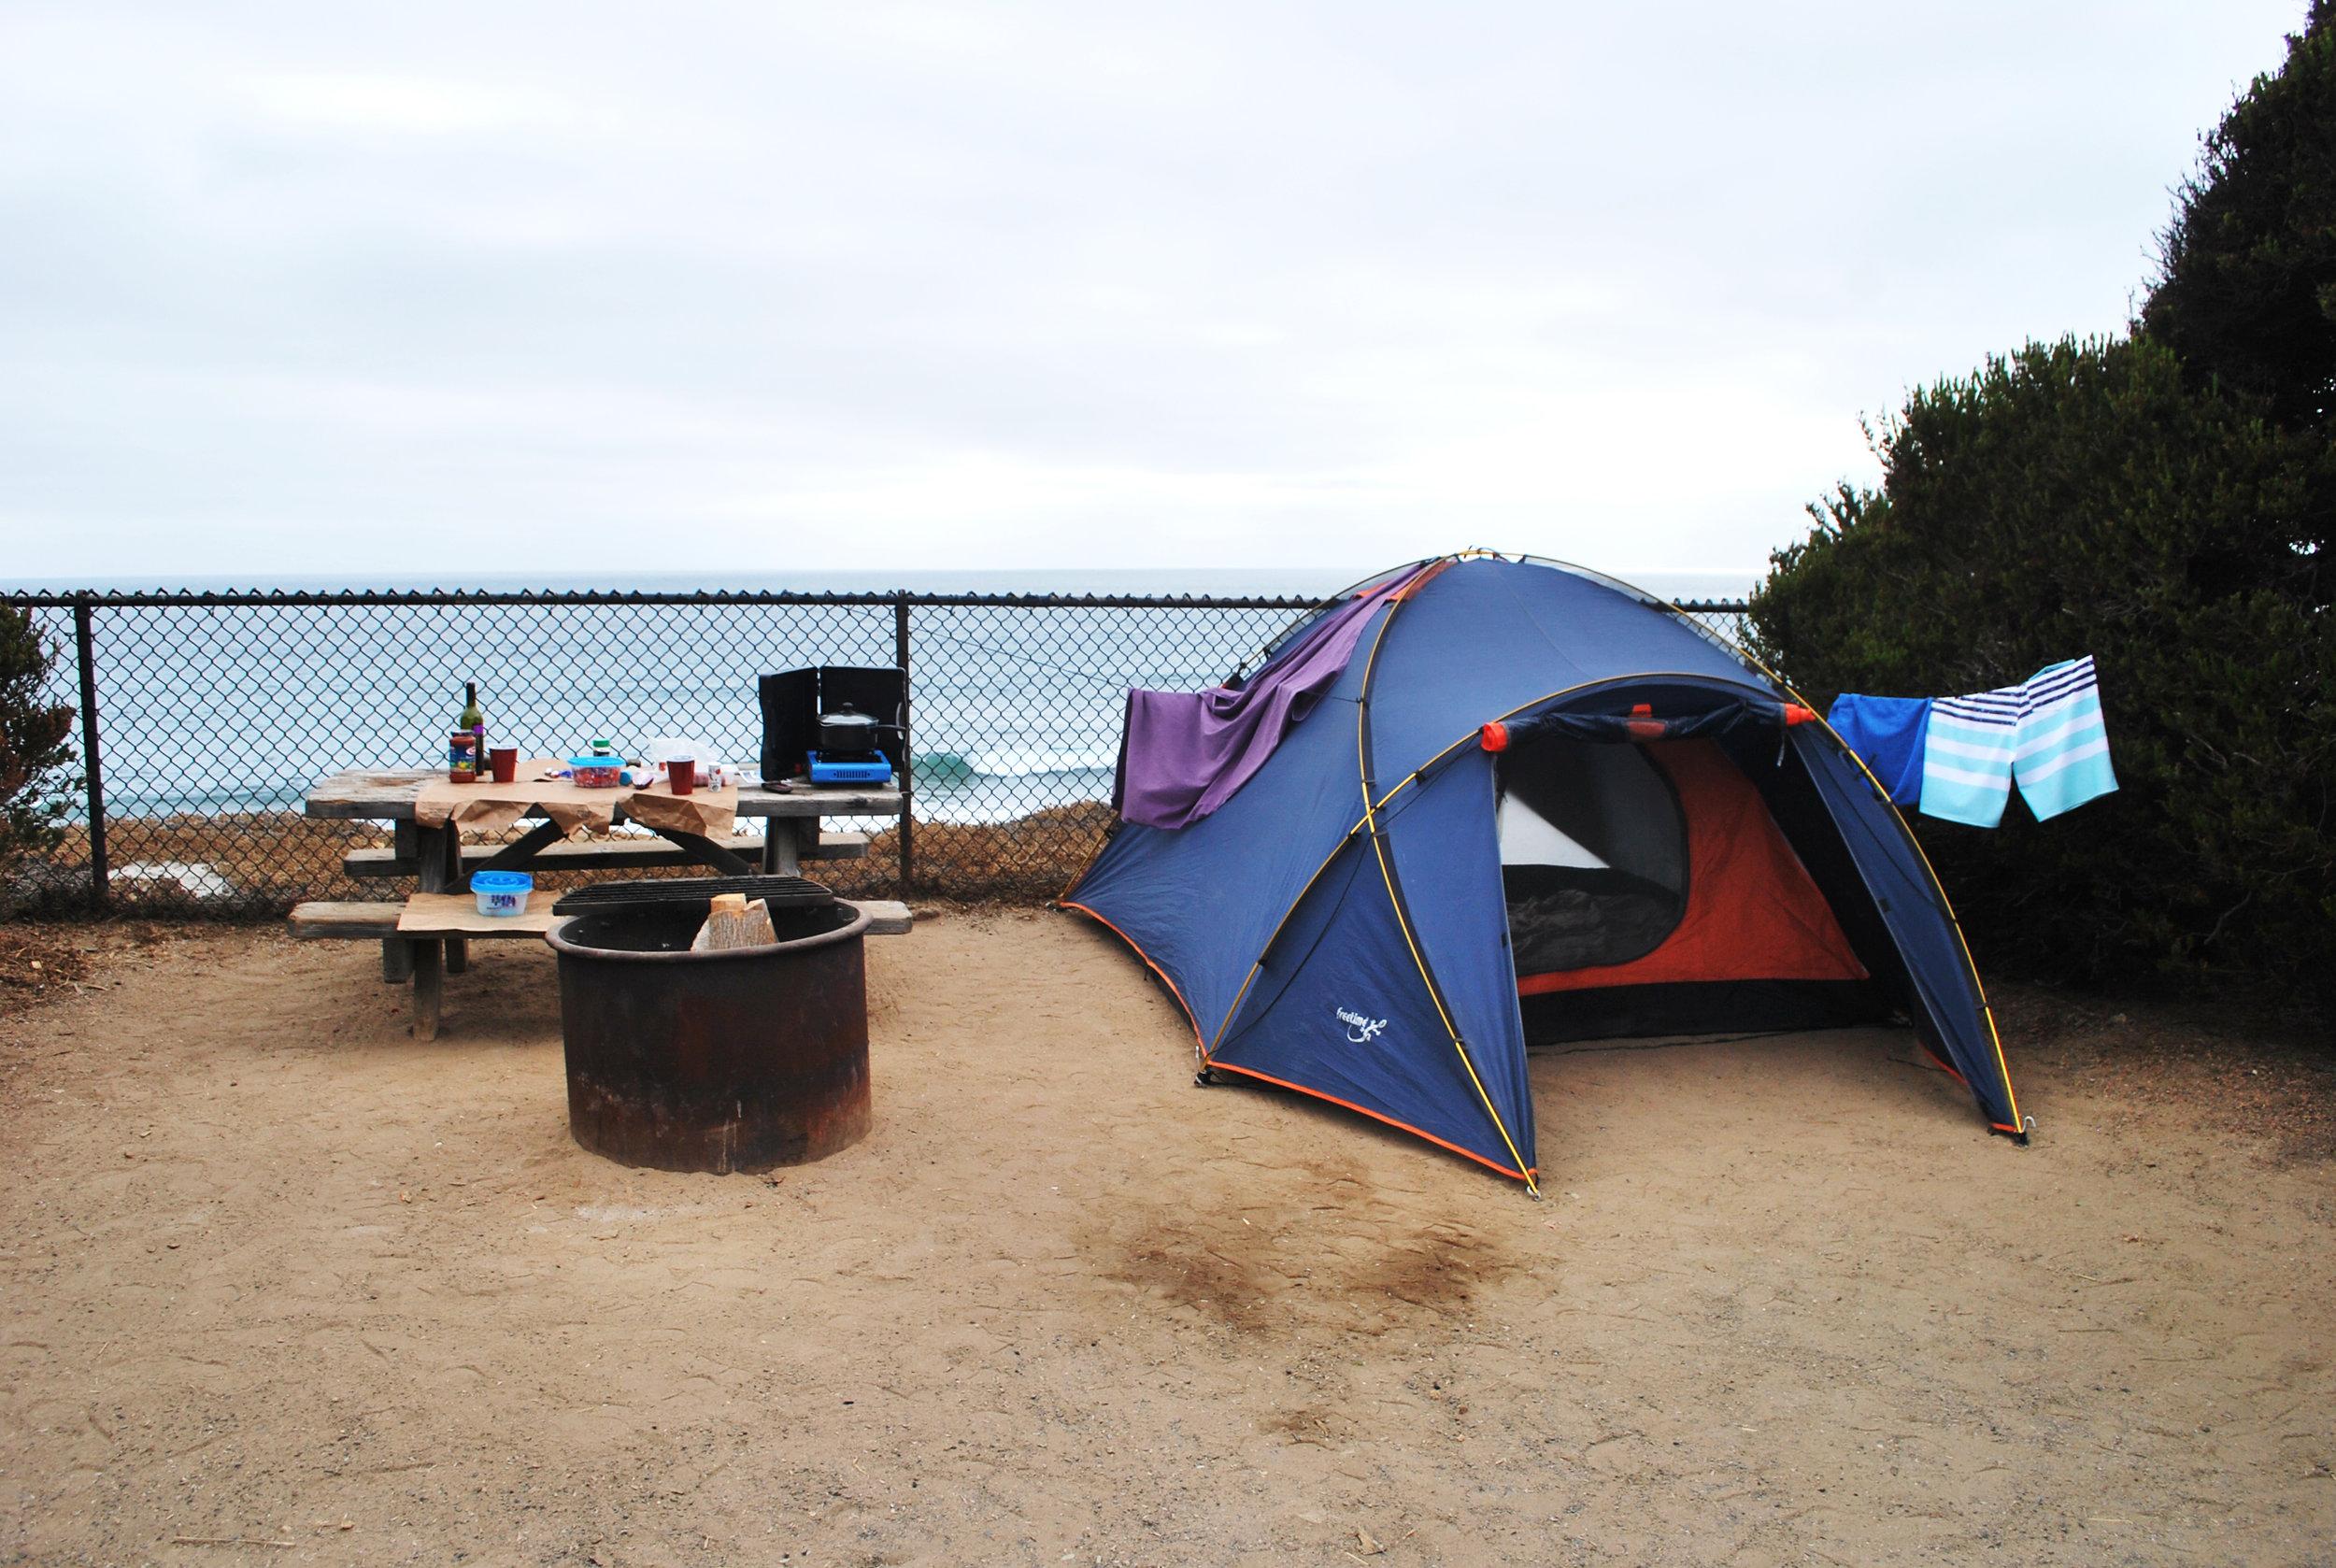 South-Carlsbad-Camping.jpg